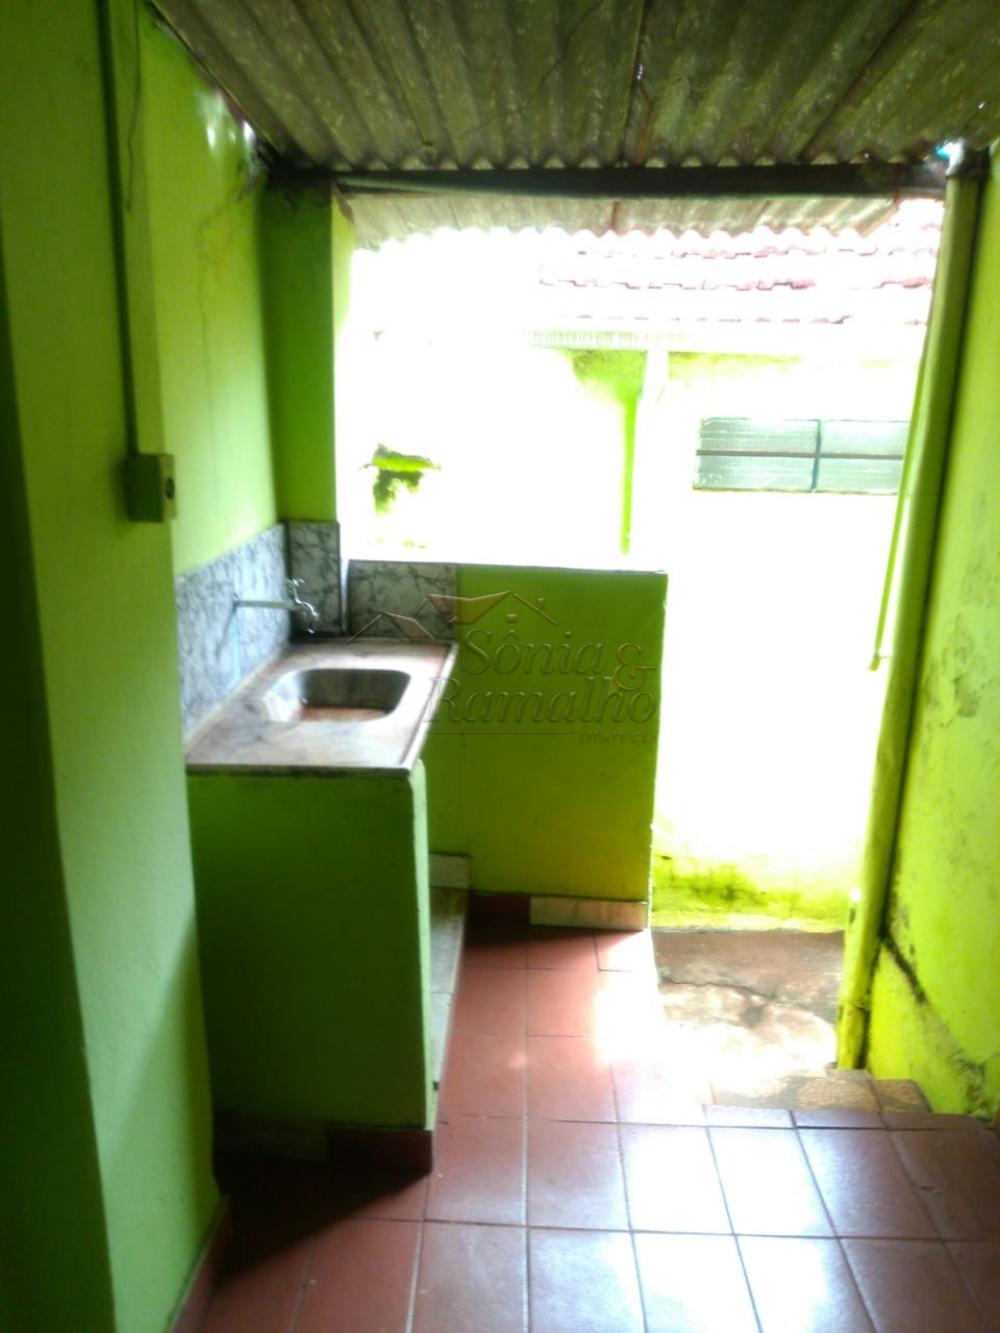 Alugar Casas / Padrão em Ribeirão Preto apenas R$ 900,00 - Foto 4